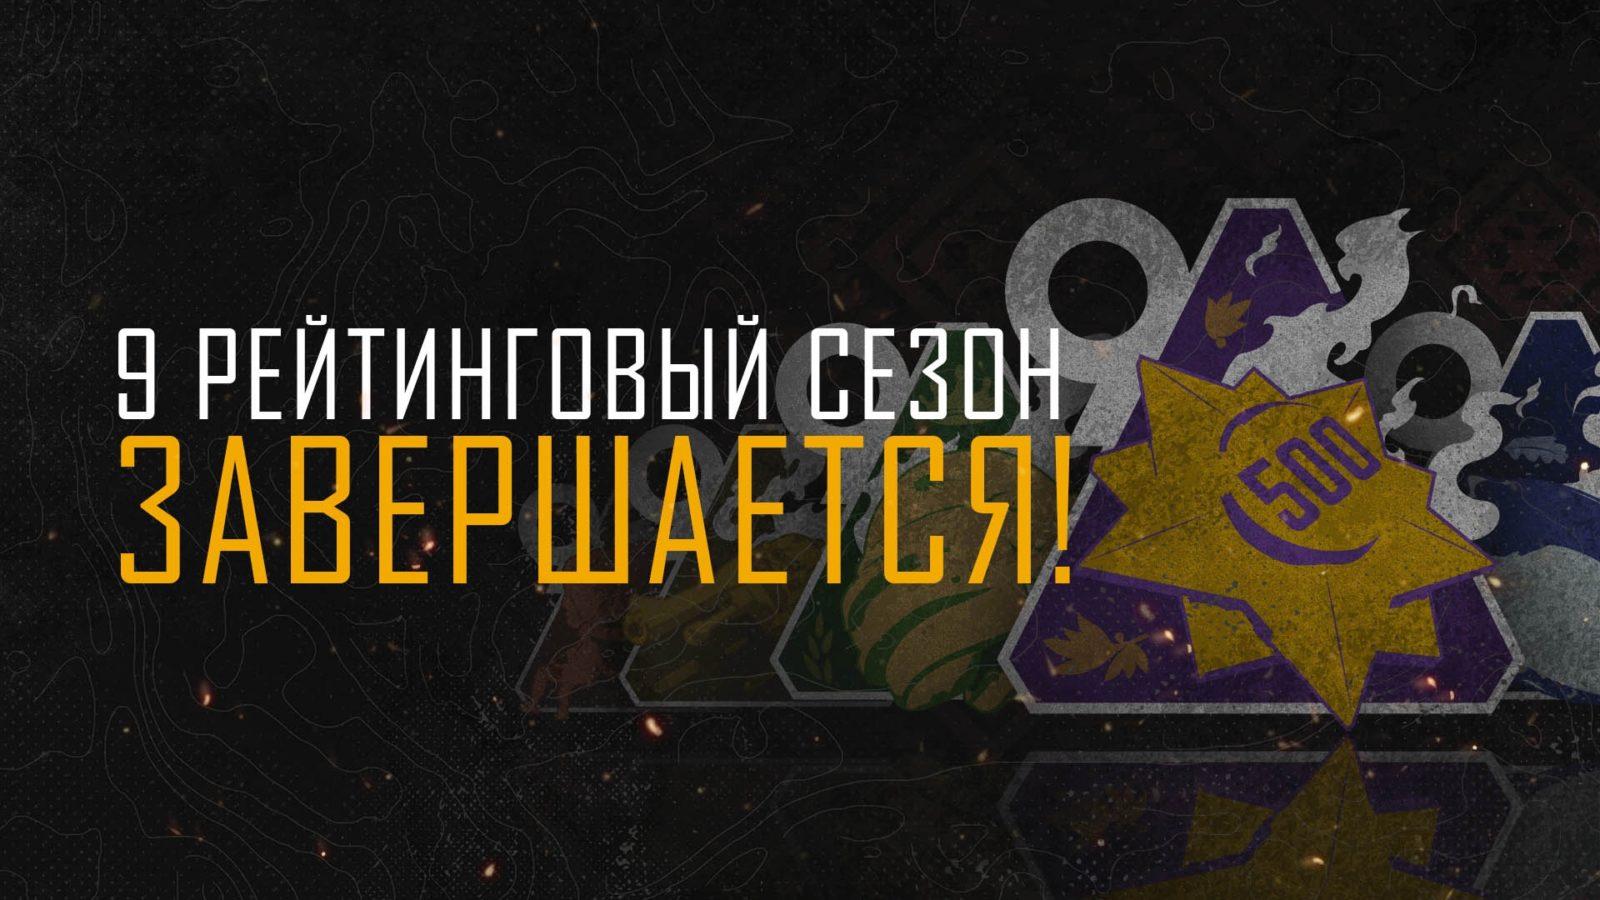 Коллекция наград за окончание 9-го рангового сезона